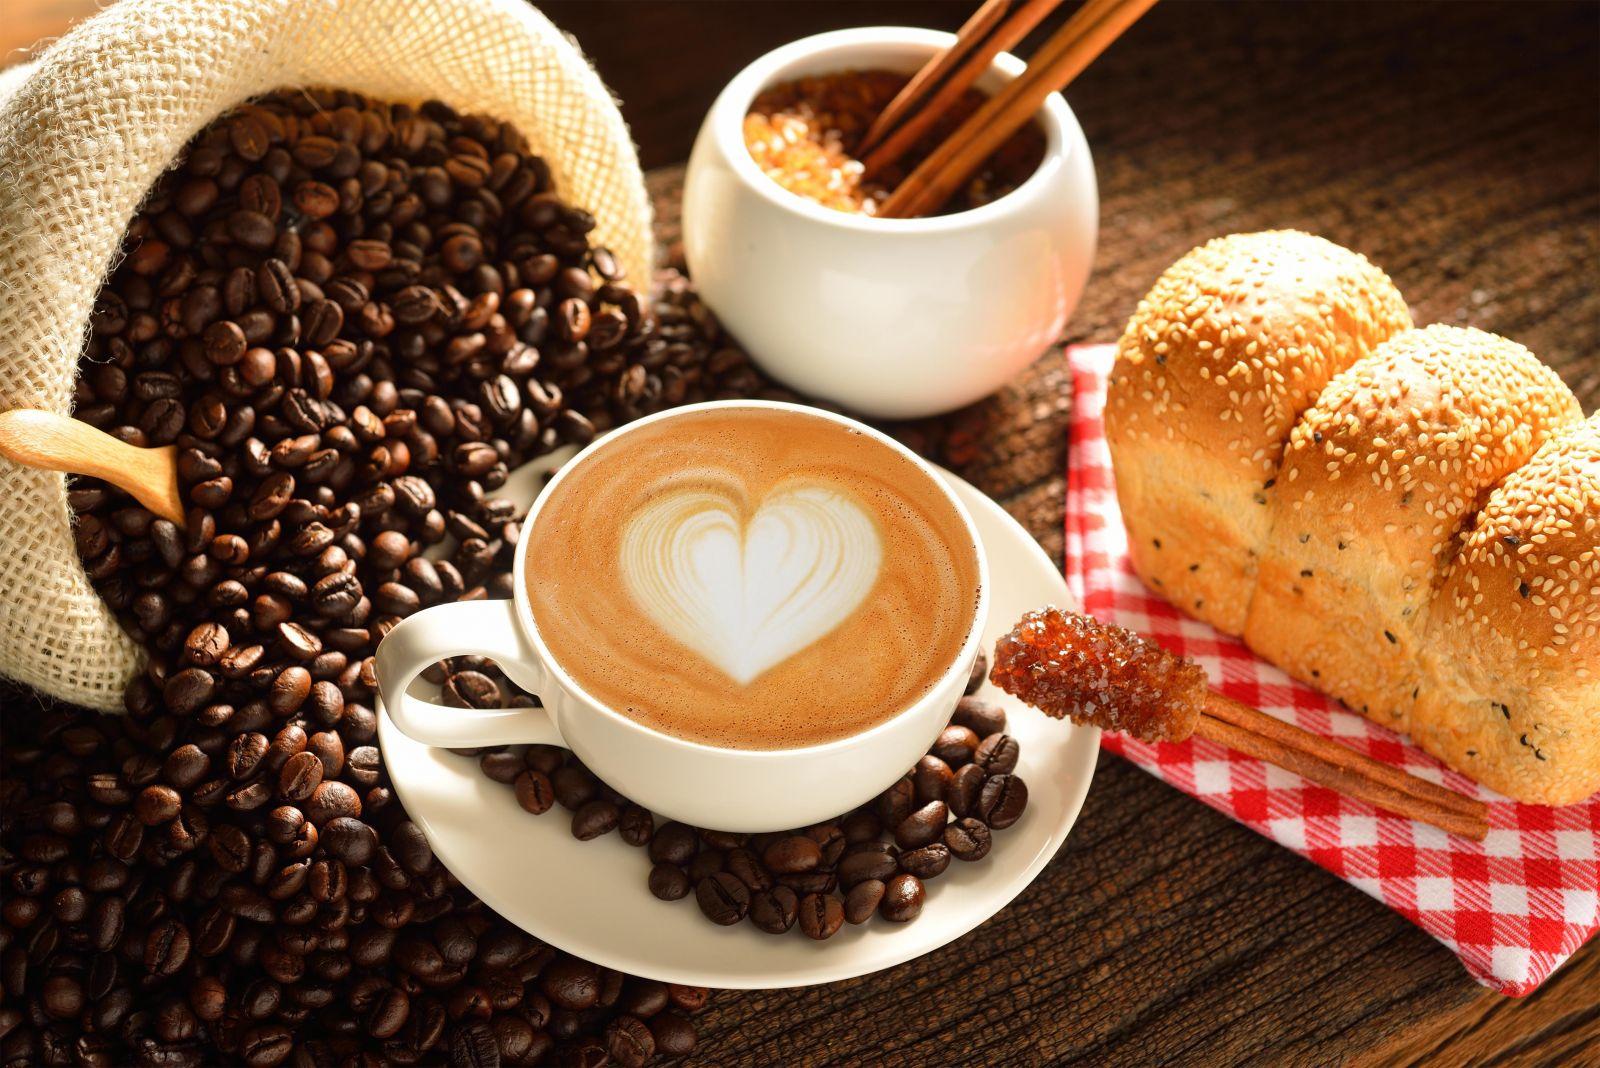 latte thơm ngon, béo ngậy